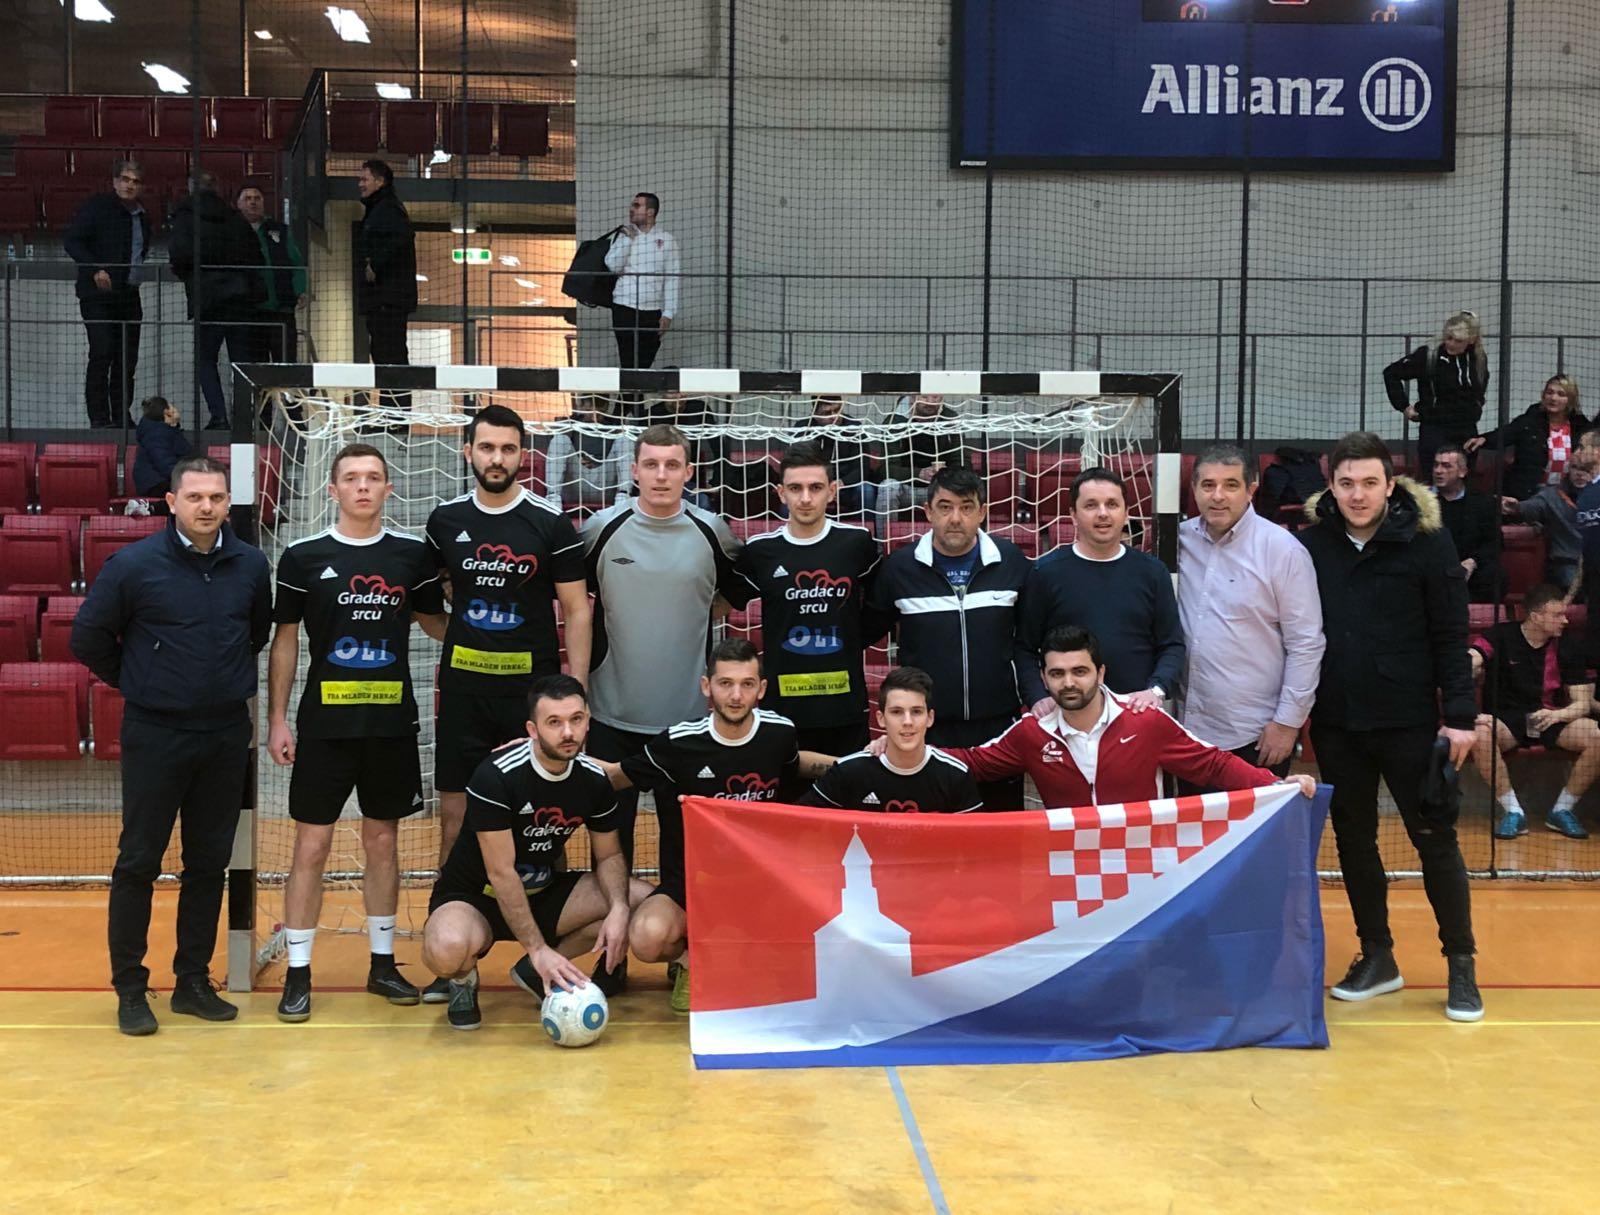 Ekipe Posuški Gradac i SS Bagušić – CB Tropicana na malonogometnom turniru u Stuttgartu